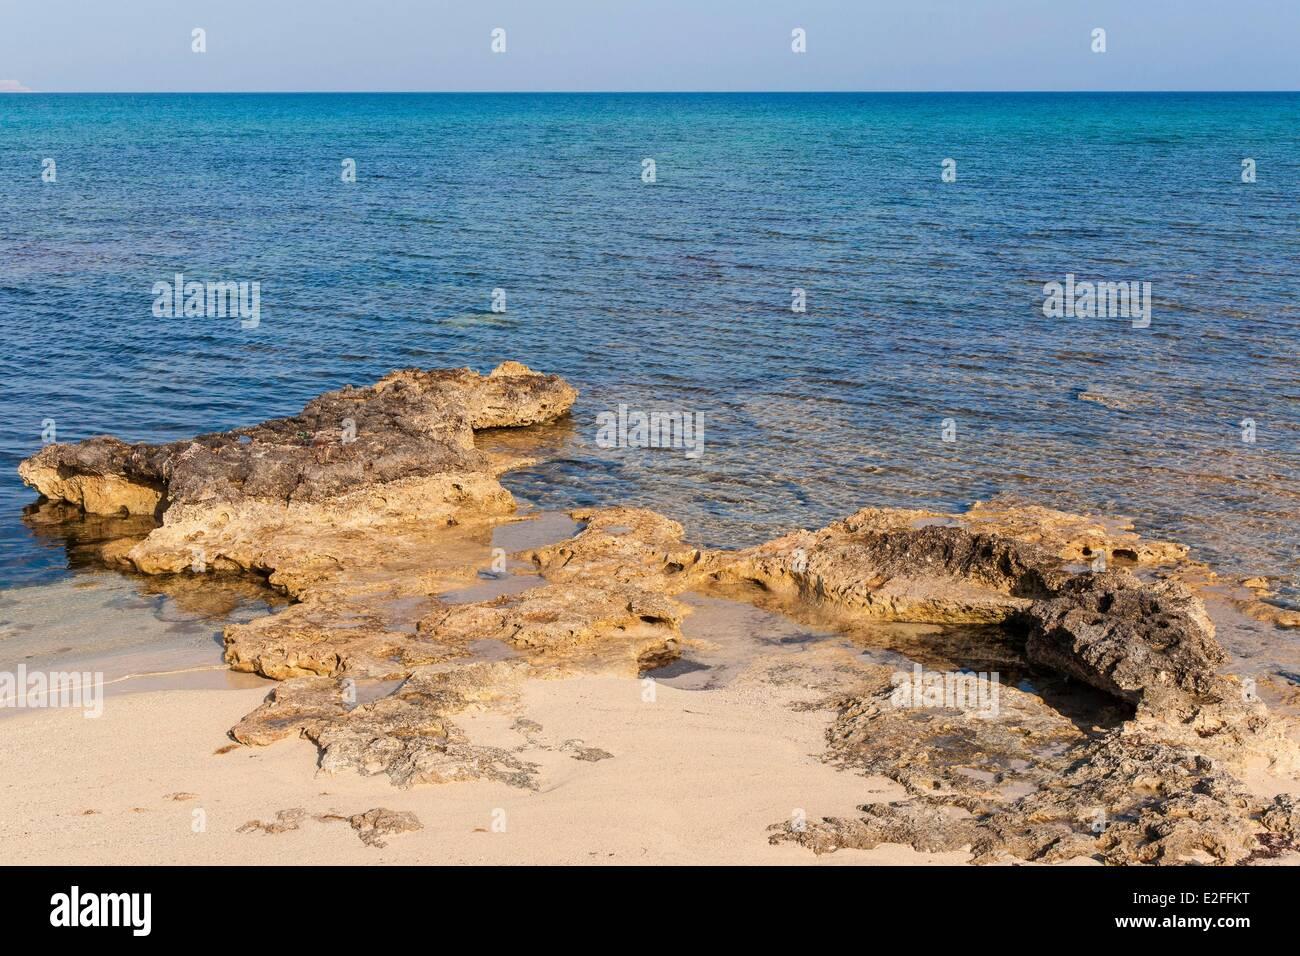 Cyprus, Potamos tou Liopetri, beach - Stock Image